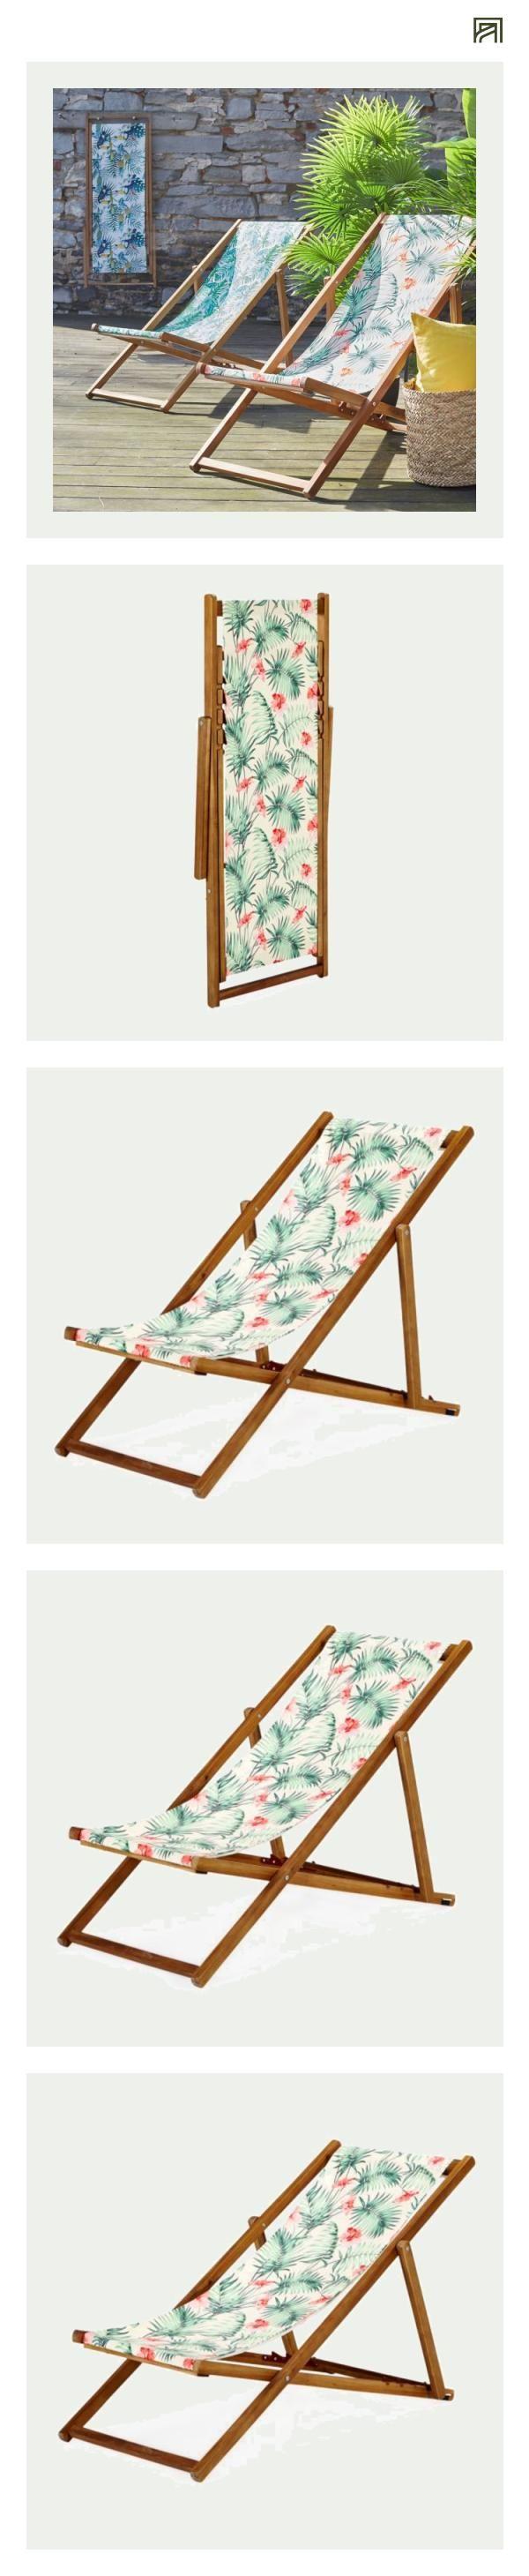 Chilienne Jardin AlineaTropicale Chaise De Motifs Longue L5Aj4R